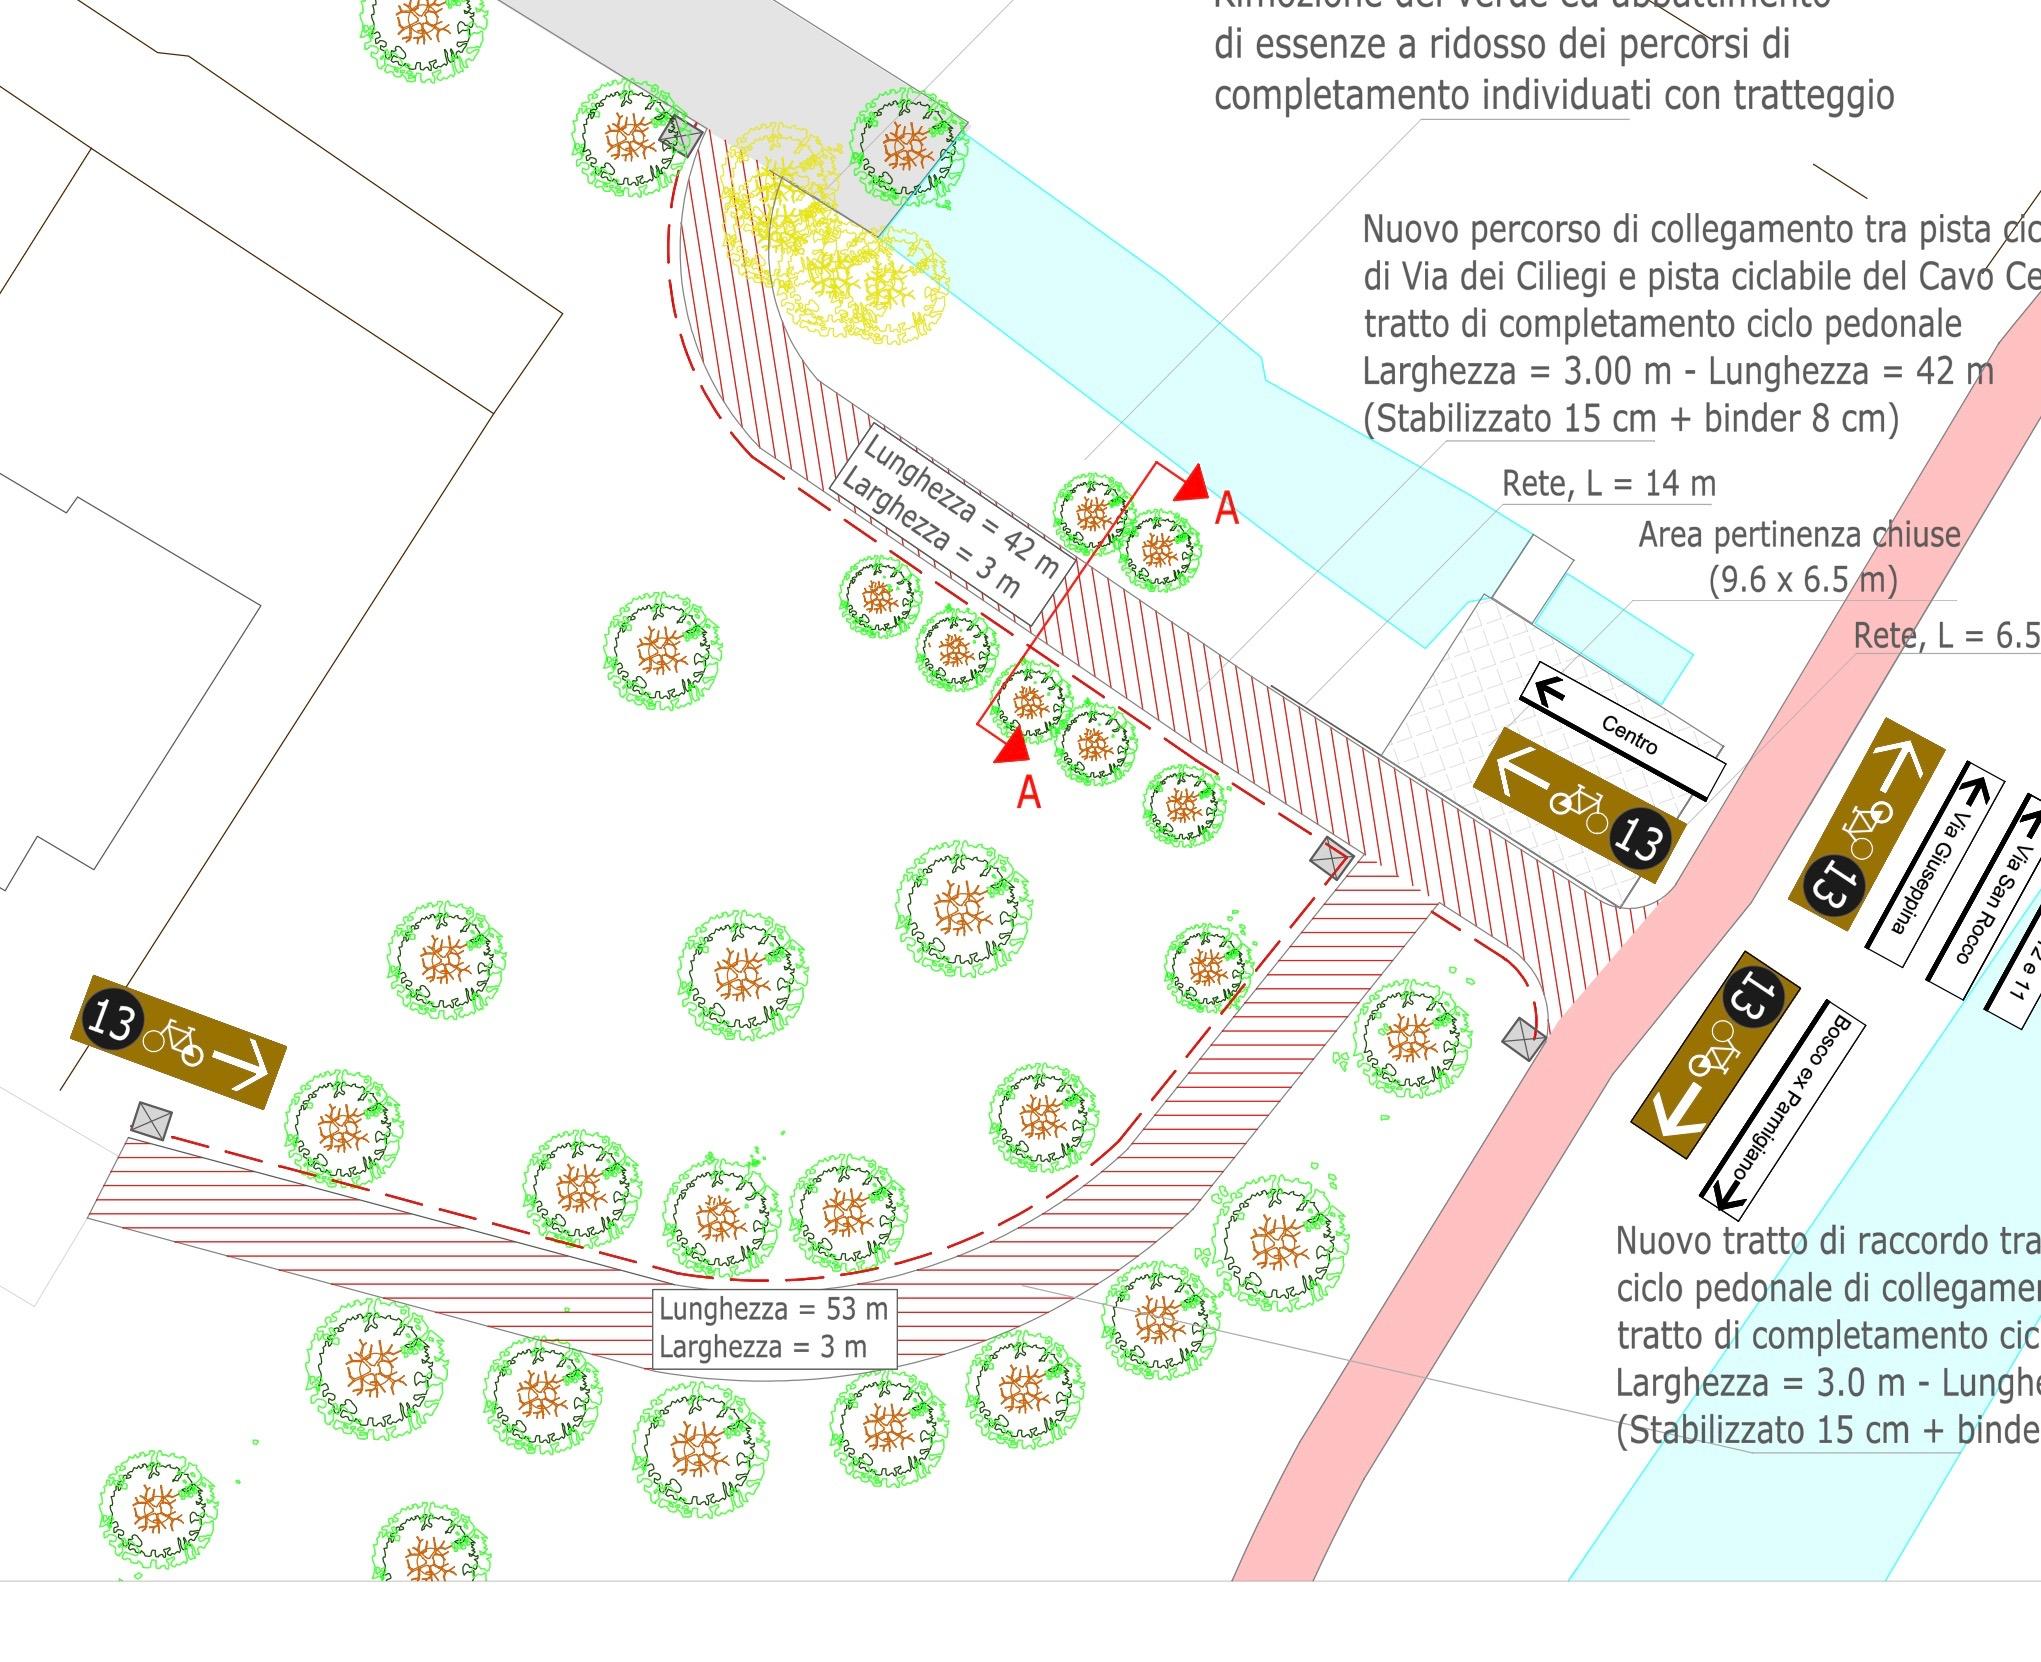 Pista ciclopedonale di via dei Ciliegi da completare: sì al progetto di fattibilità